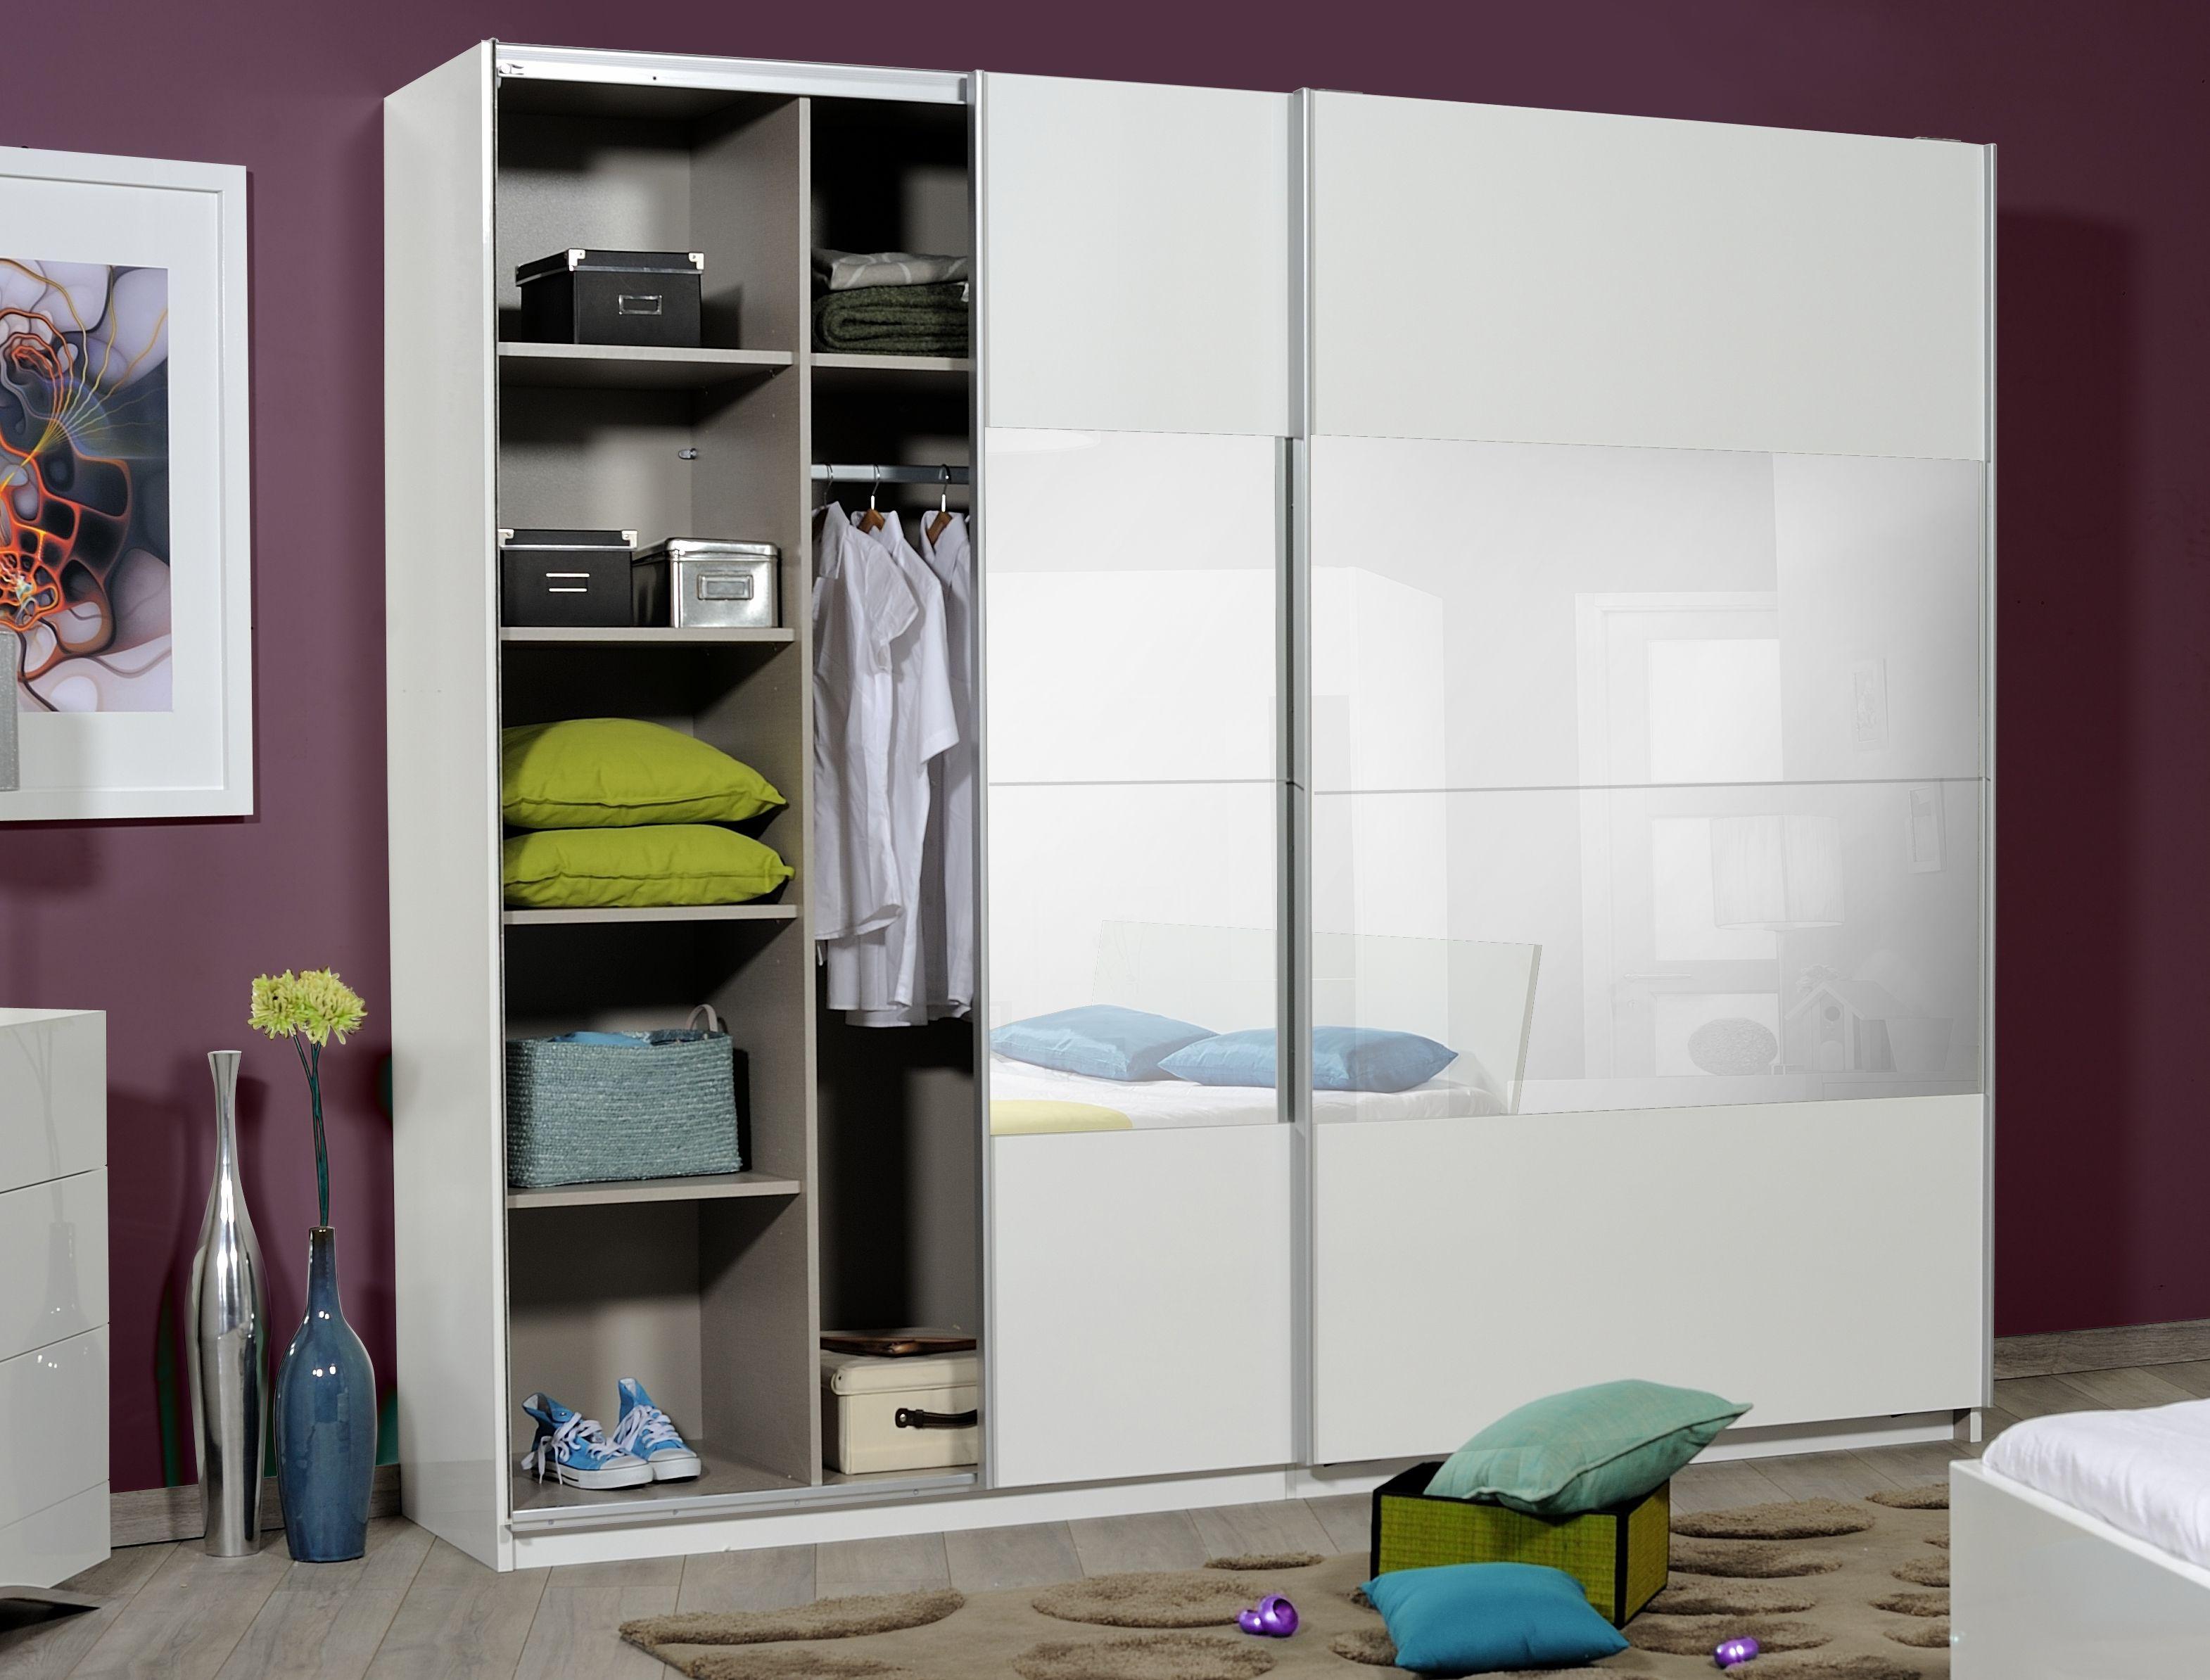 armoire 2 portes coulissantes blanche et miroir 260 cm